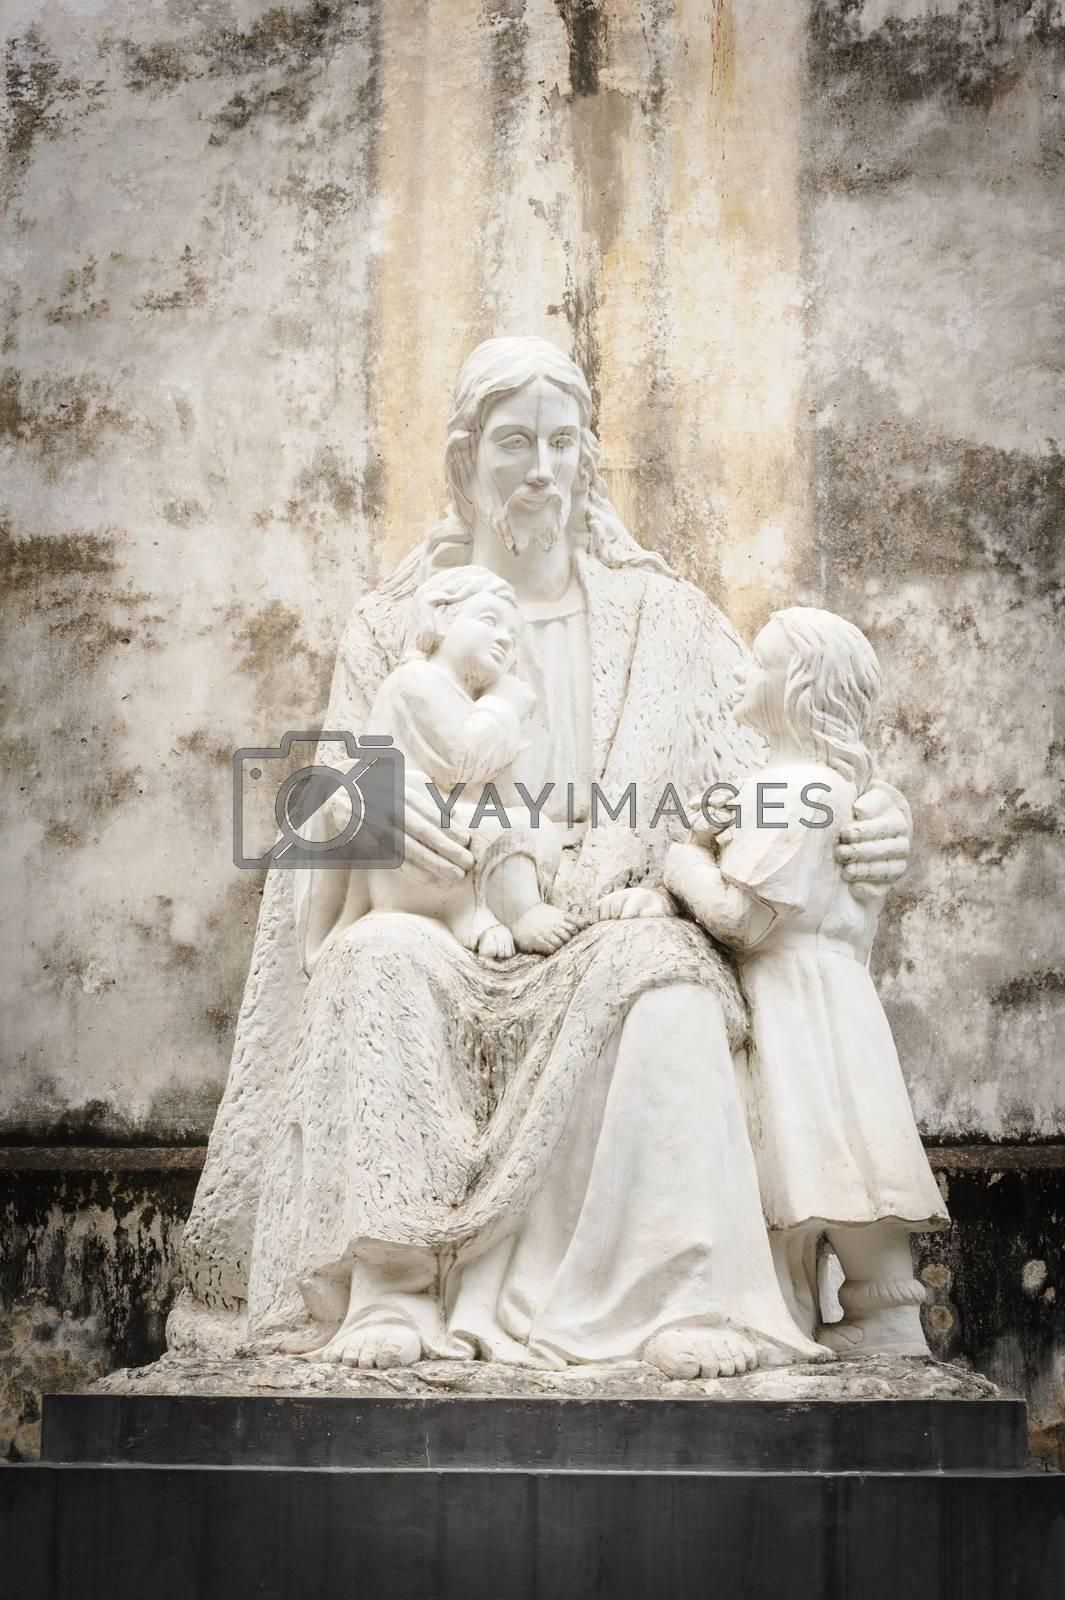 Statuary of Jesus Christ in the St. Joseph's Cathedral in Hoan Kiem Hanoi, Vietnam.